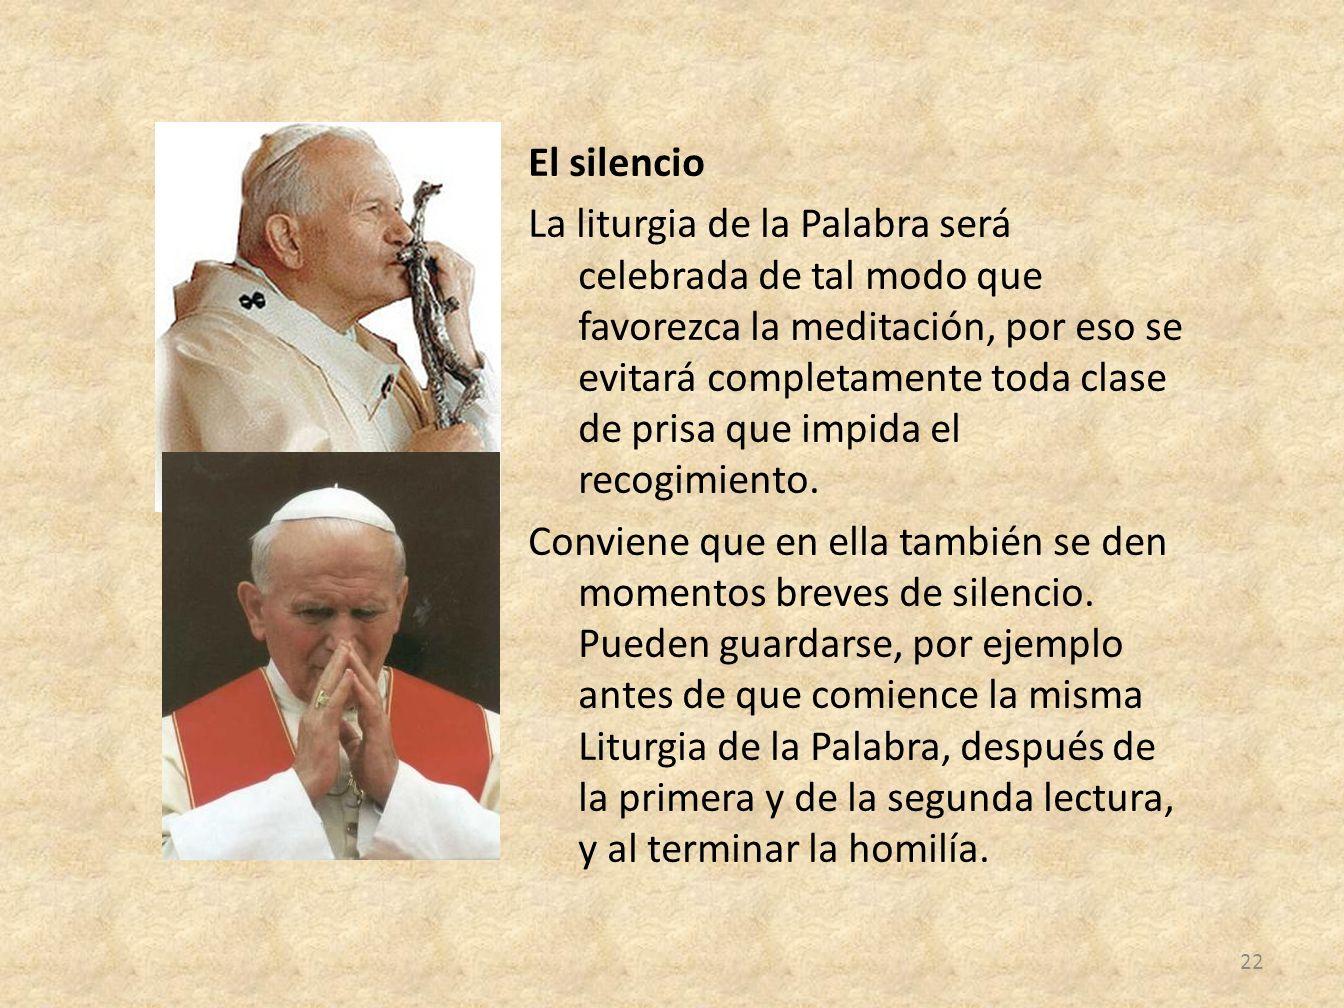 El silencio La liturgia de la Palabra será celebrada de tal modo que favorezca la meditación, por eso se evitará completamente toda clase de prisa que impida el recogimiento.